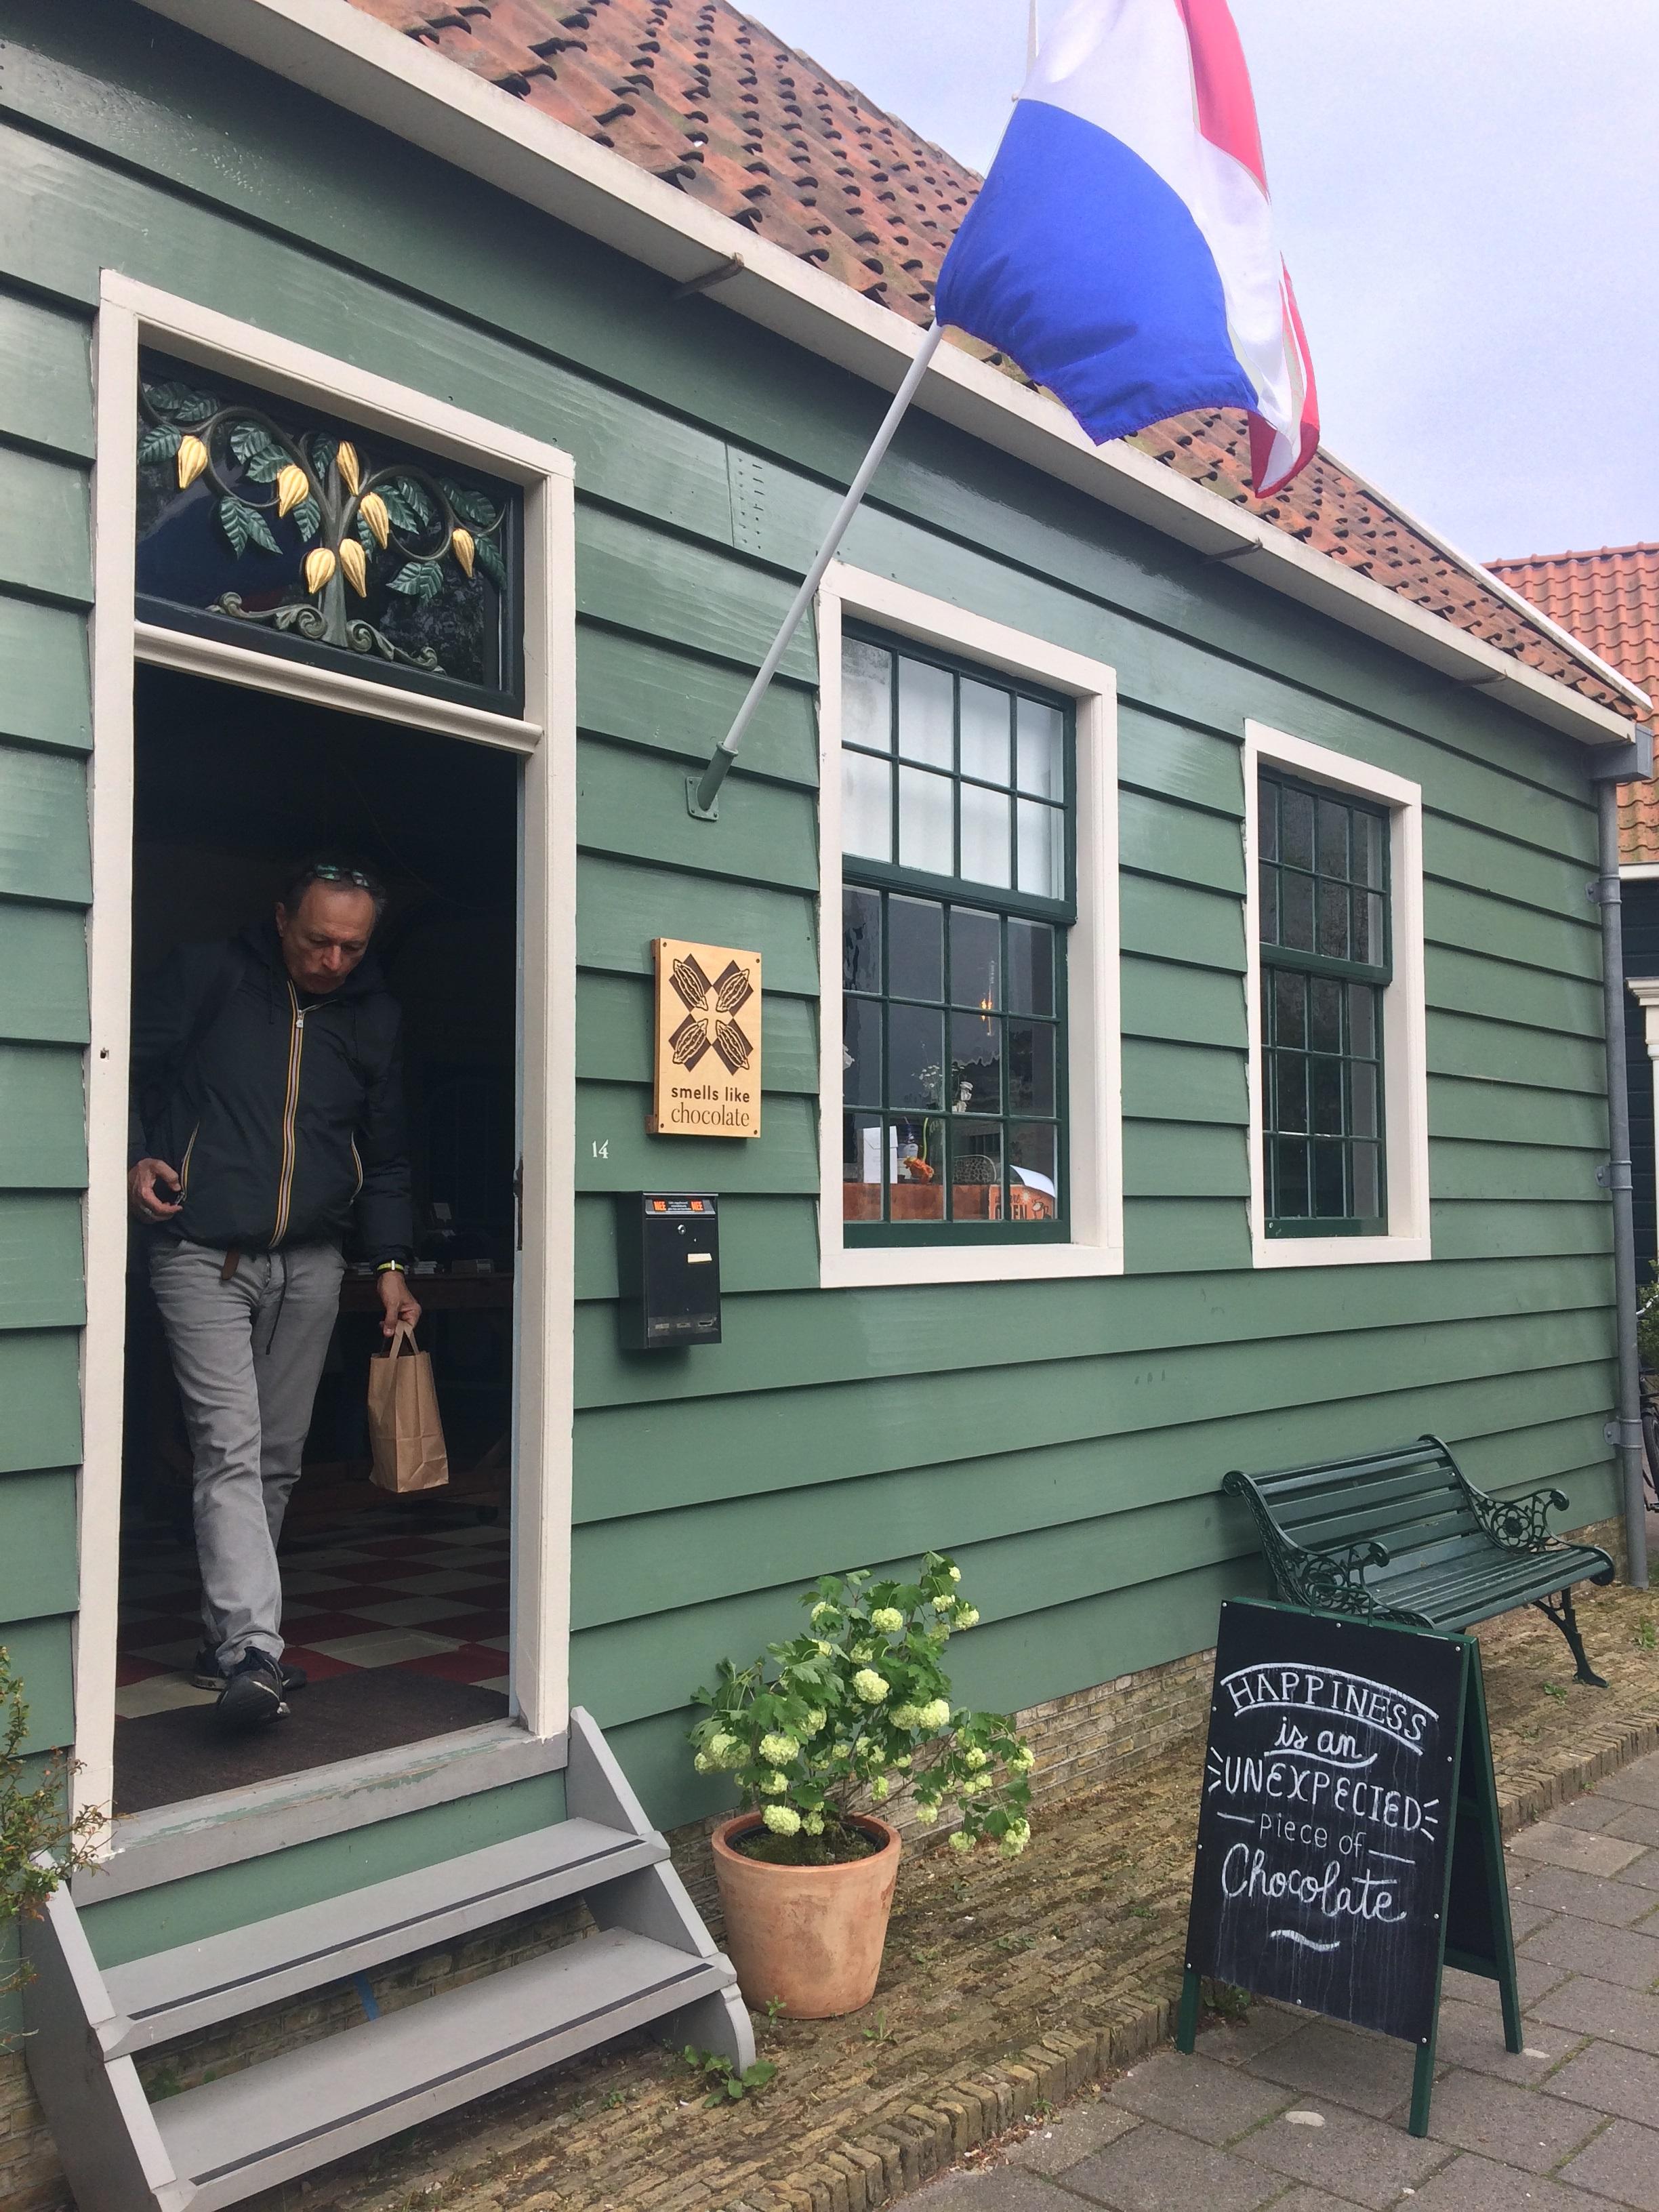 Zaansmakenmaker cacao boutique Smells like Chocolate aan Lagedijk 14 in Zaandijk. (Foto: Yvette van der Does)